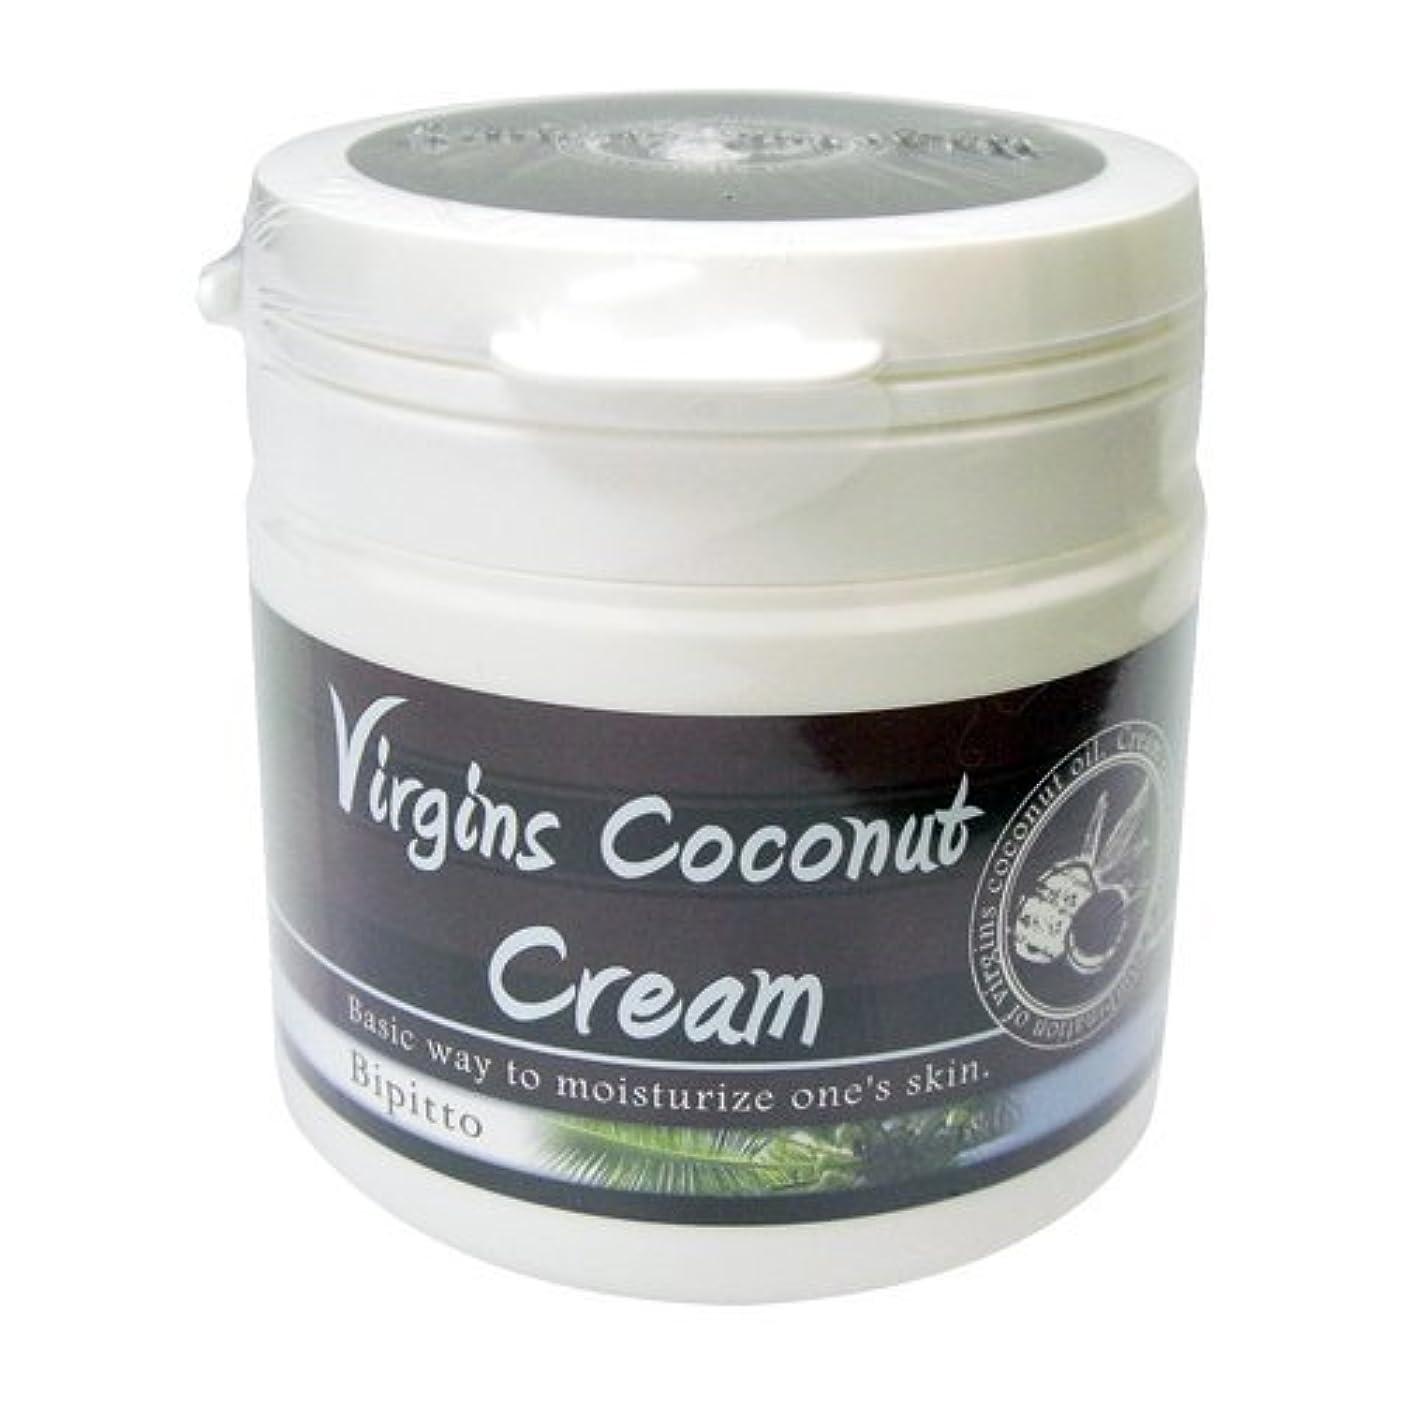 質素な悪性アドバンテージヴァージンココナッツクリーム 150g